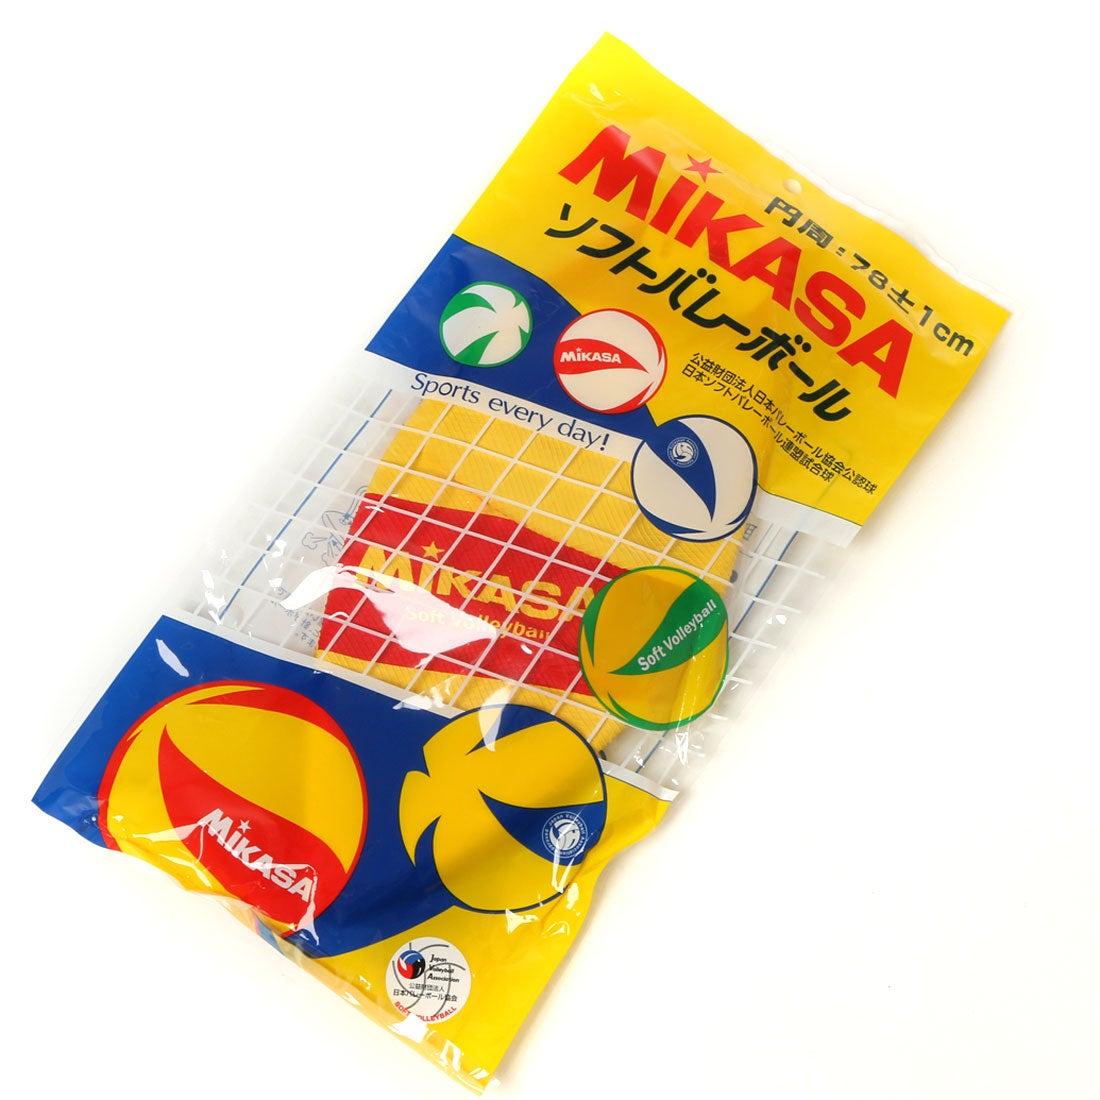 ロコンド 靴とファッションの通販サイトミカサ mikasa バレーボールソフトバレーボール MS-M78-YR